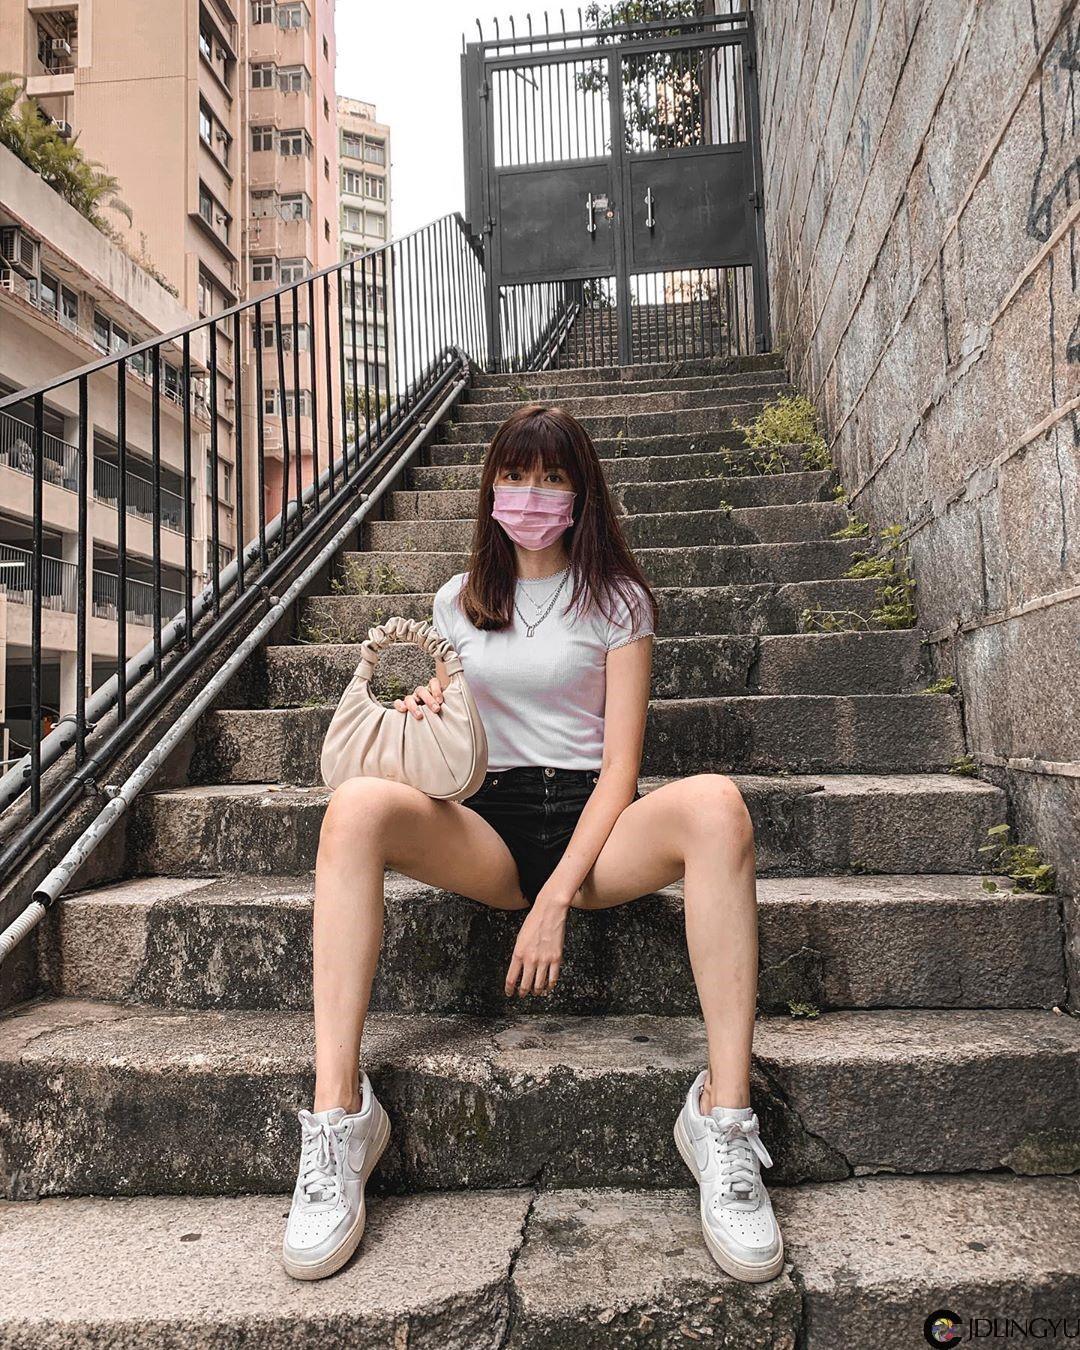 港味正妹「Joey Sze」气质清新太迷人,街头狂晒「性感美腿」画面超解渴!